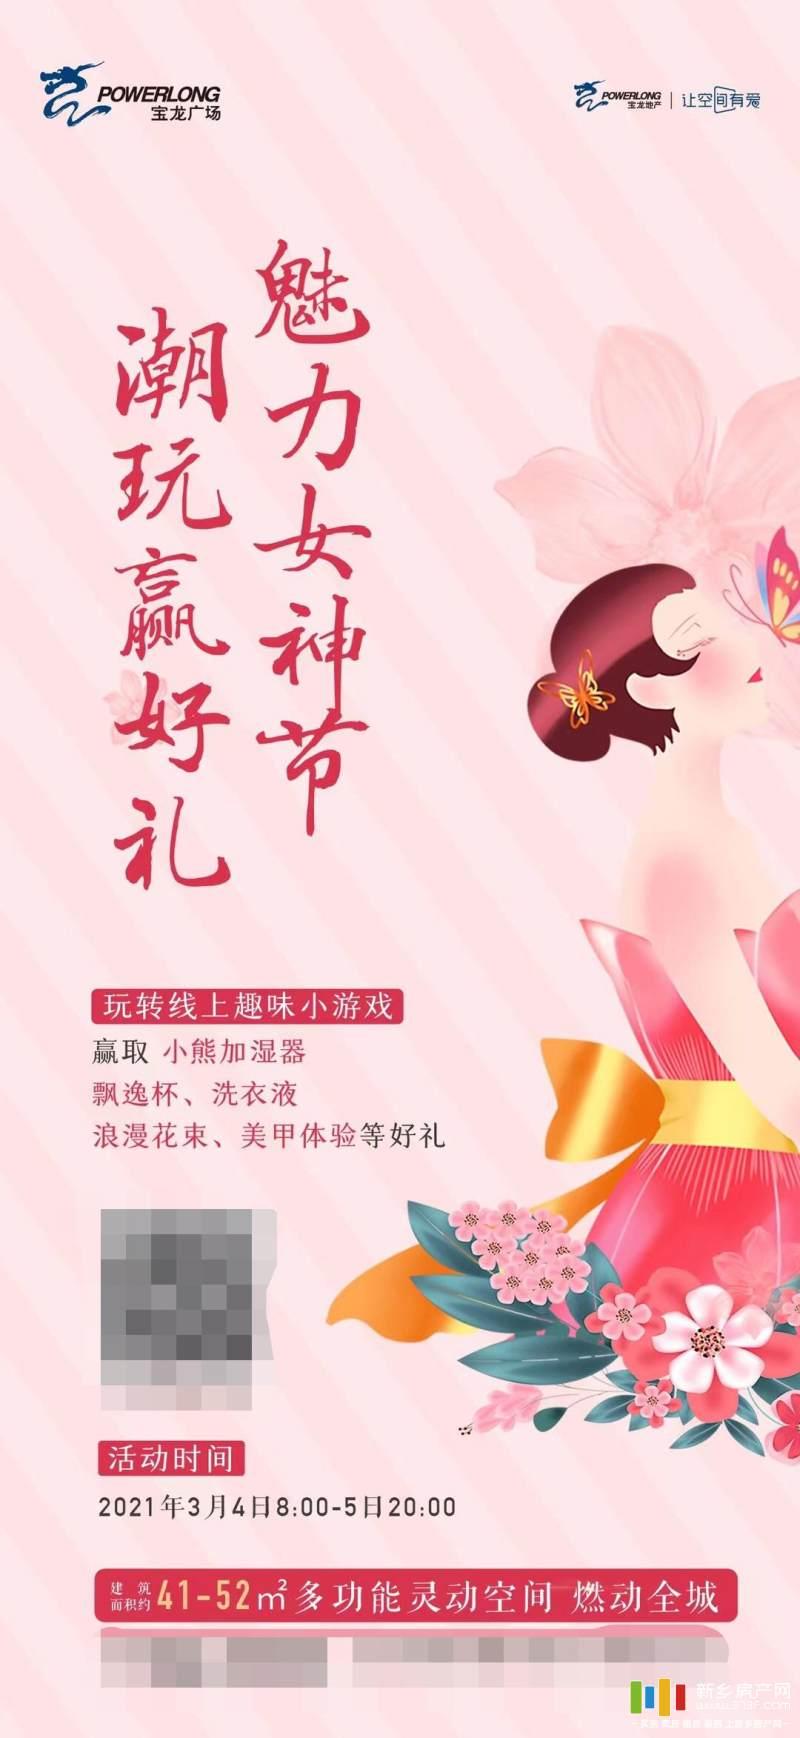 宝龙广场海报